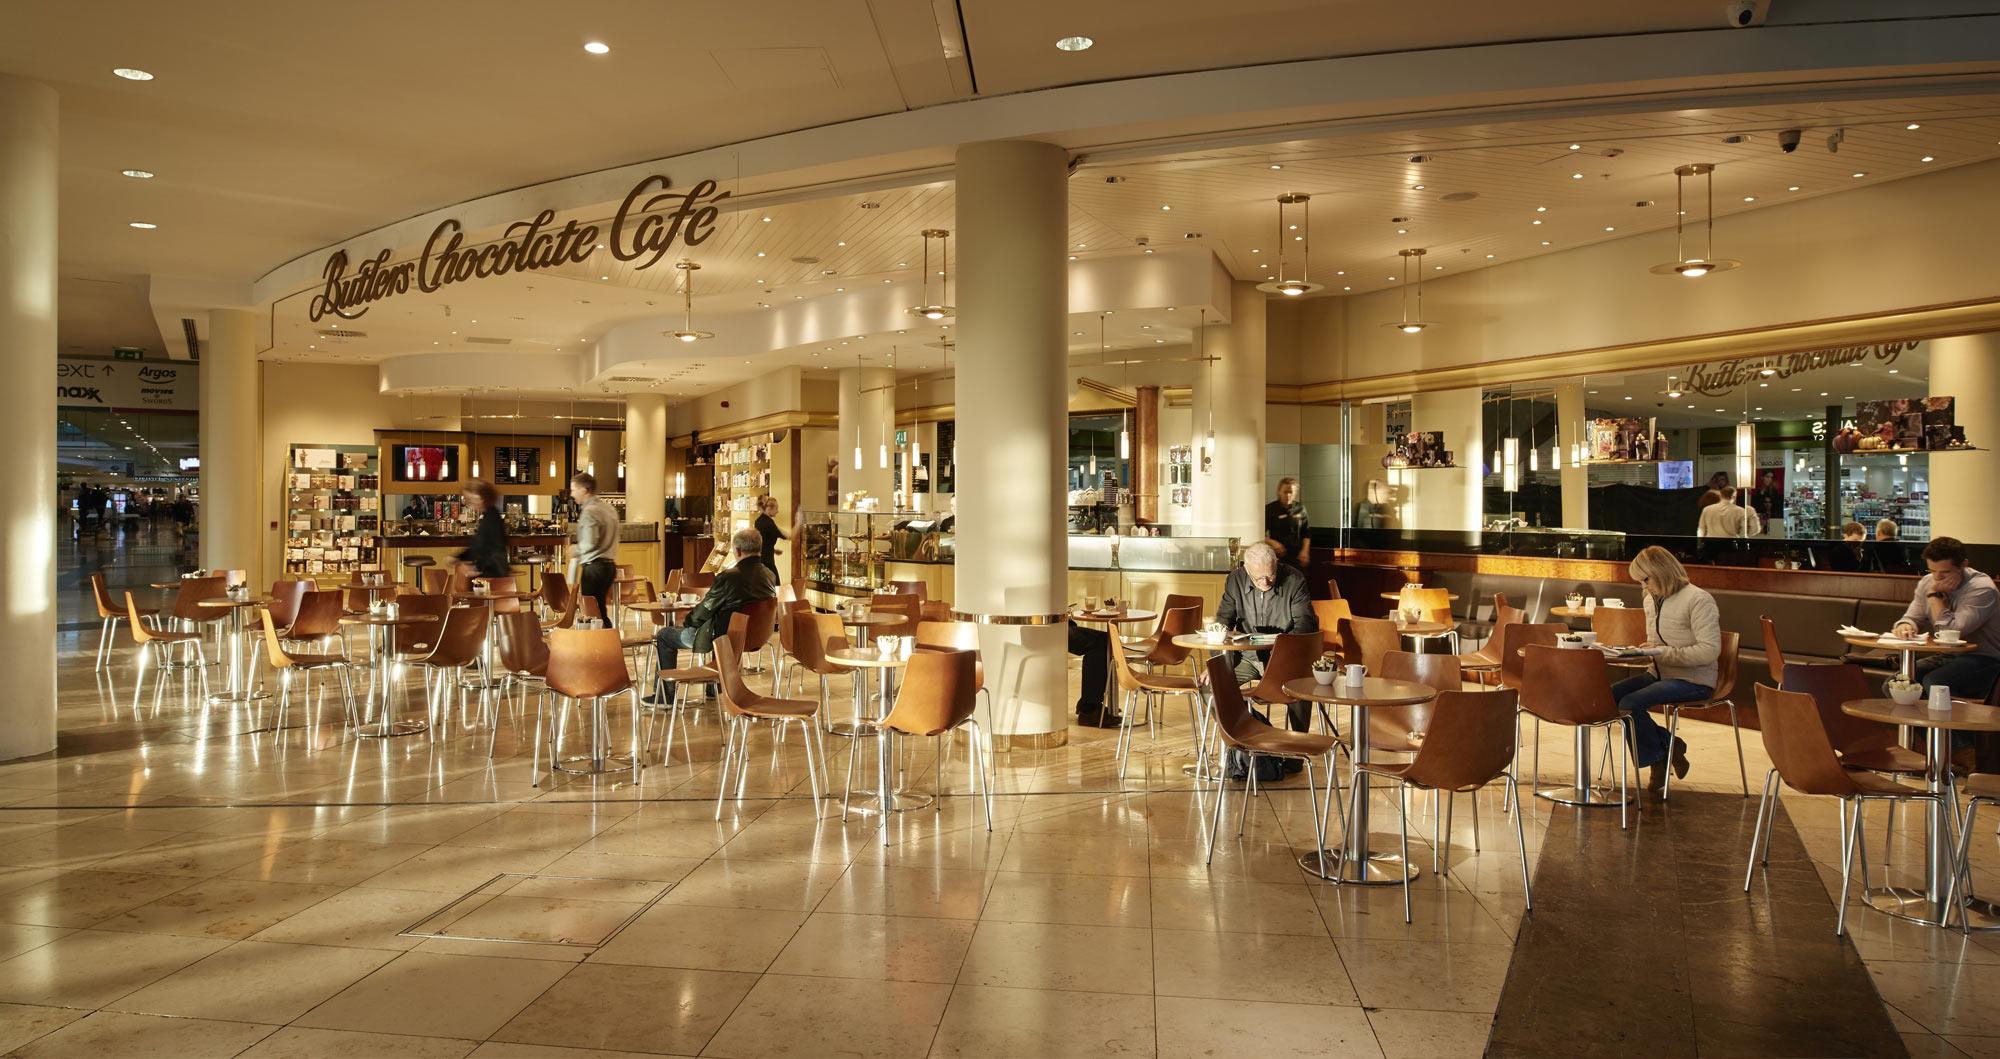 Butlers Chocolate Café, Pavilions, Swords